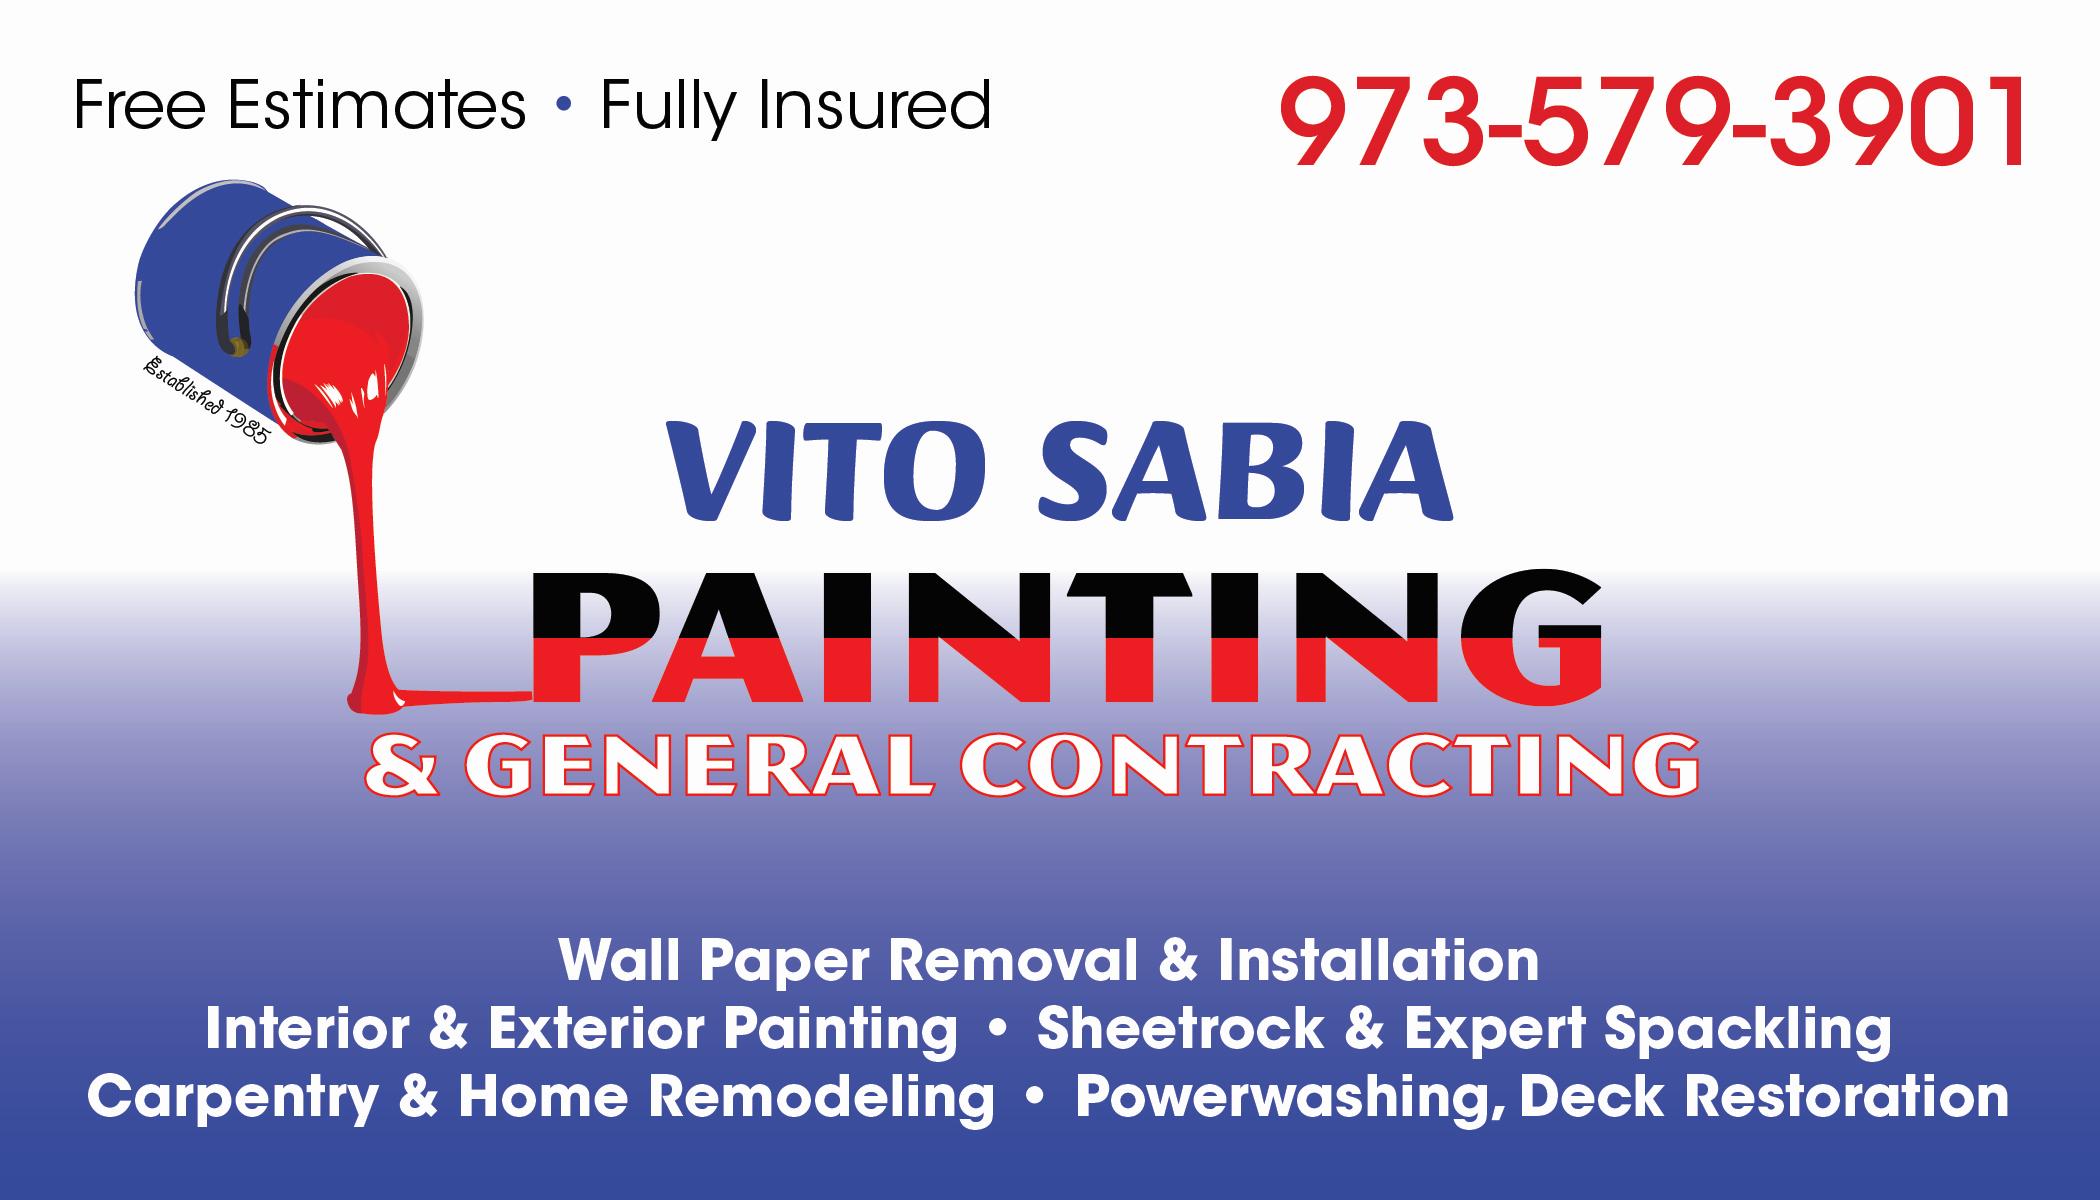 Vito Sabia Painting (002).png